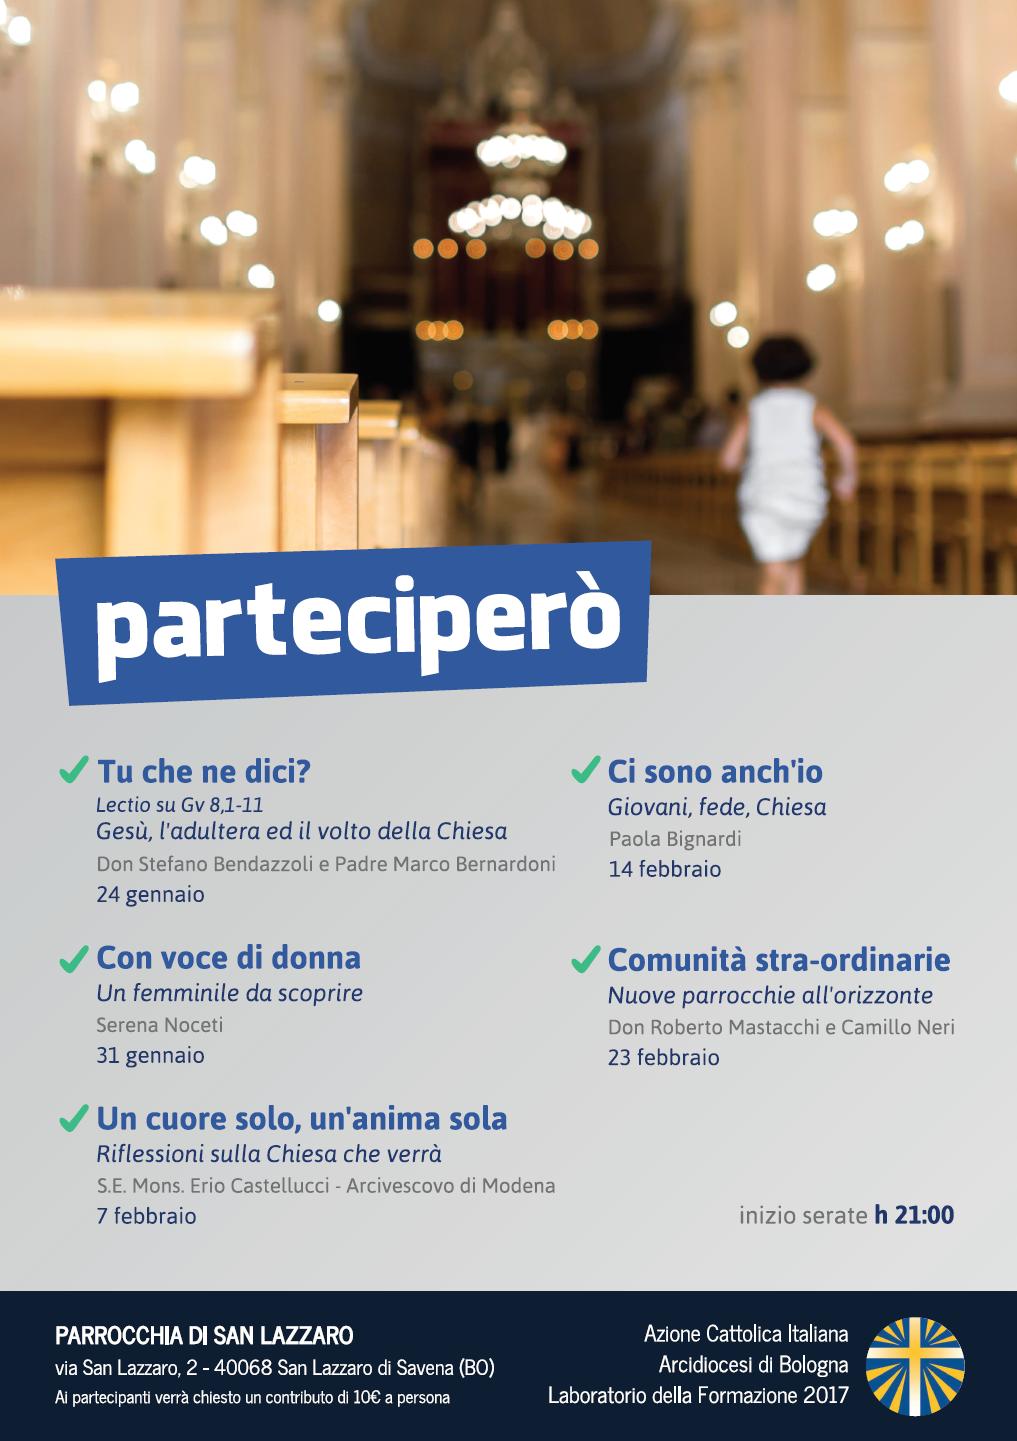 Lab della Formazione: Parteciperò (1) @ Parrocchia di San Lazzaro | San Lazzaro di Savena | Emilia-Romagna | Italia